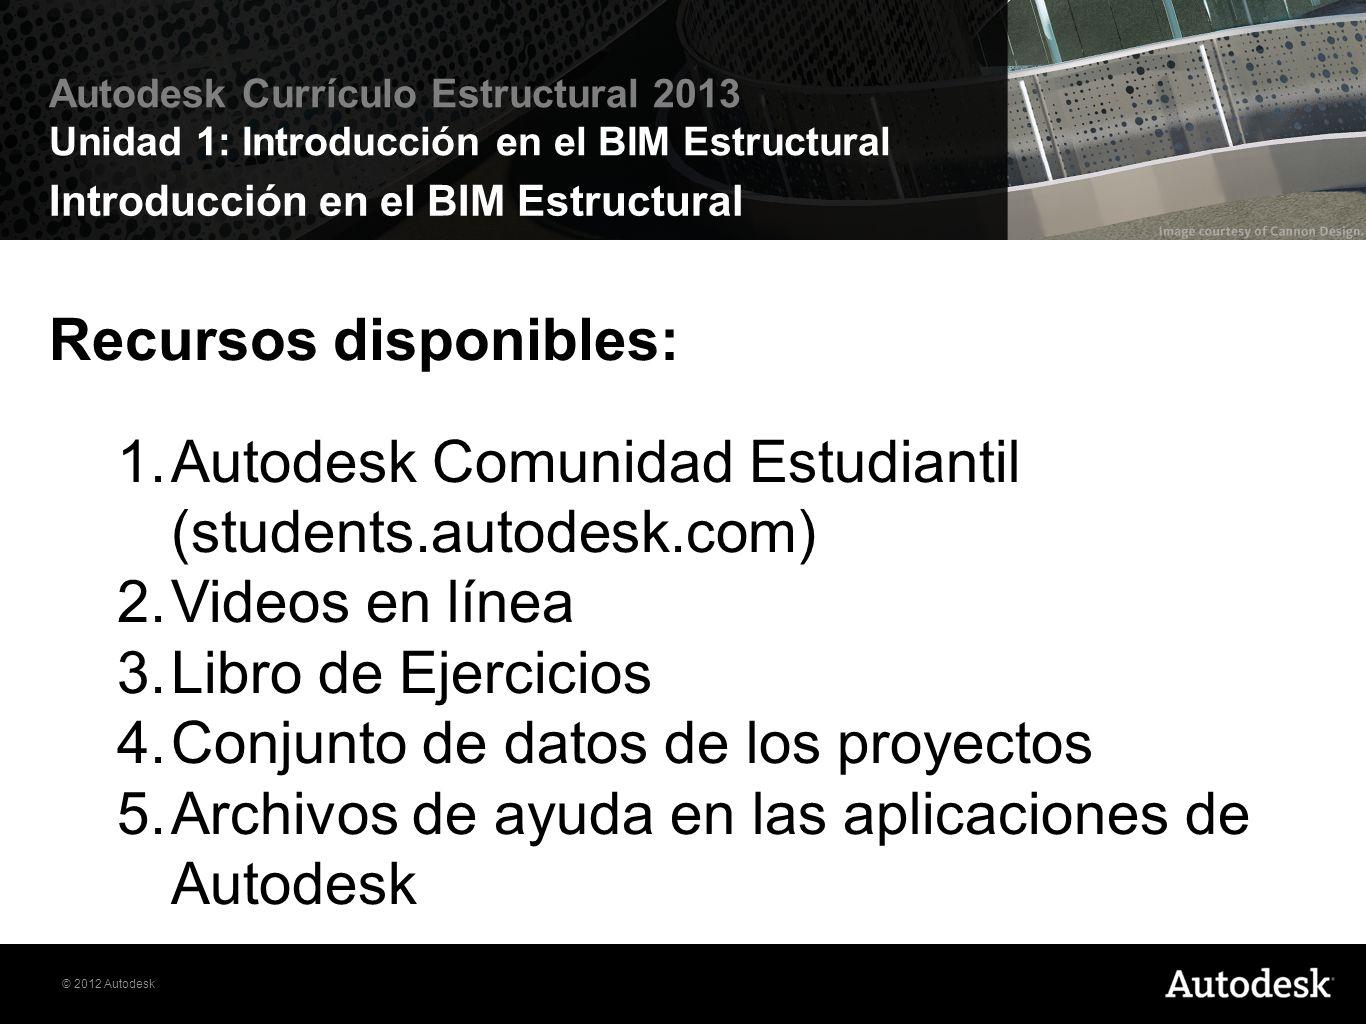 Introducción en el BIM Estructural